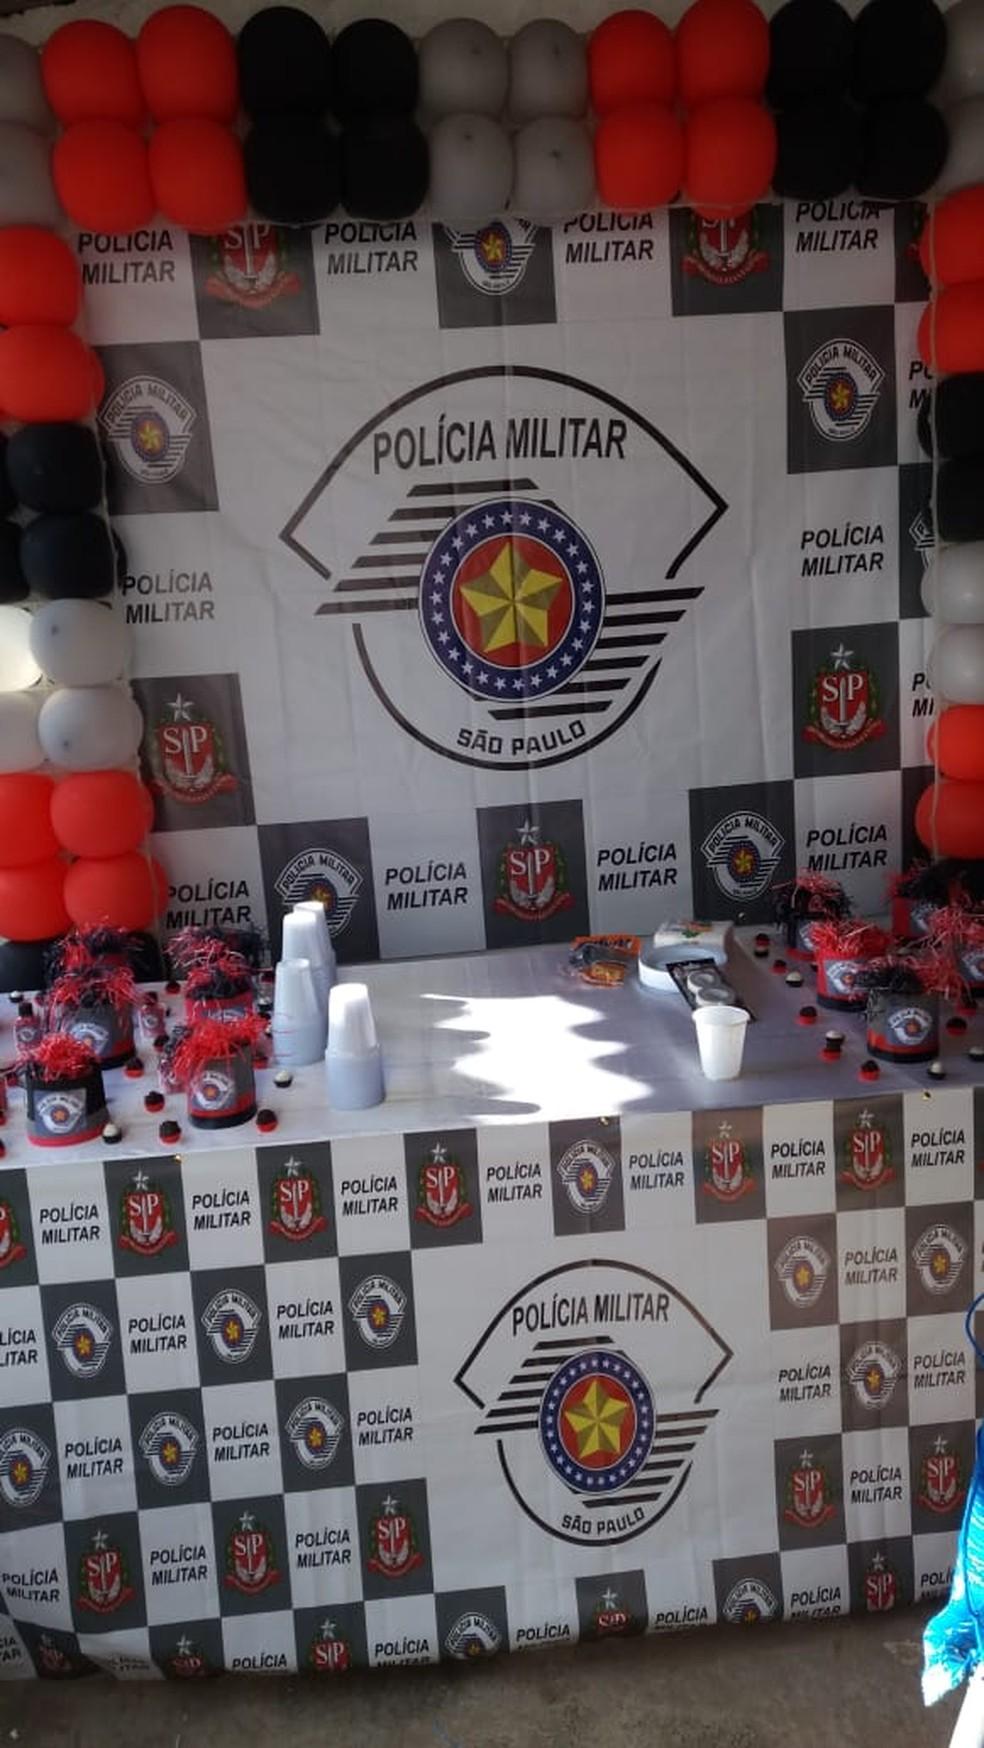 Aniversário de menino que sonha em ser PM foi comemorado em Avaré (SP) — Foto: Silmara dos Santos Martins de Oliveira/Arquivo Pessoal